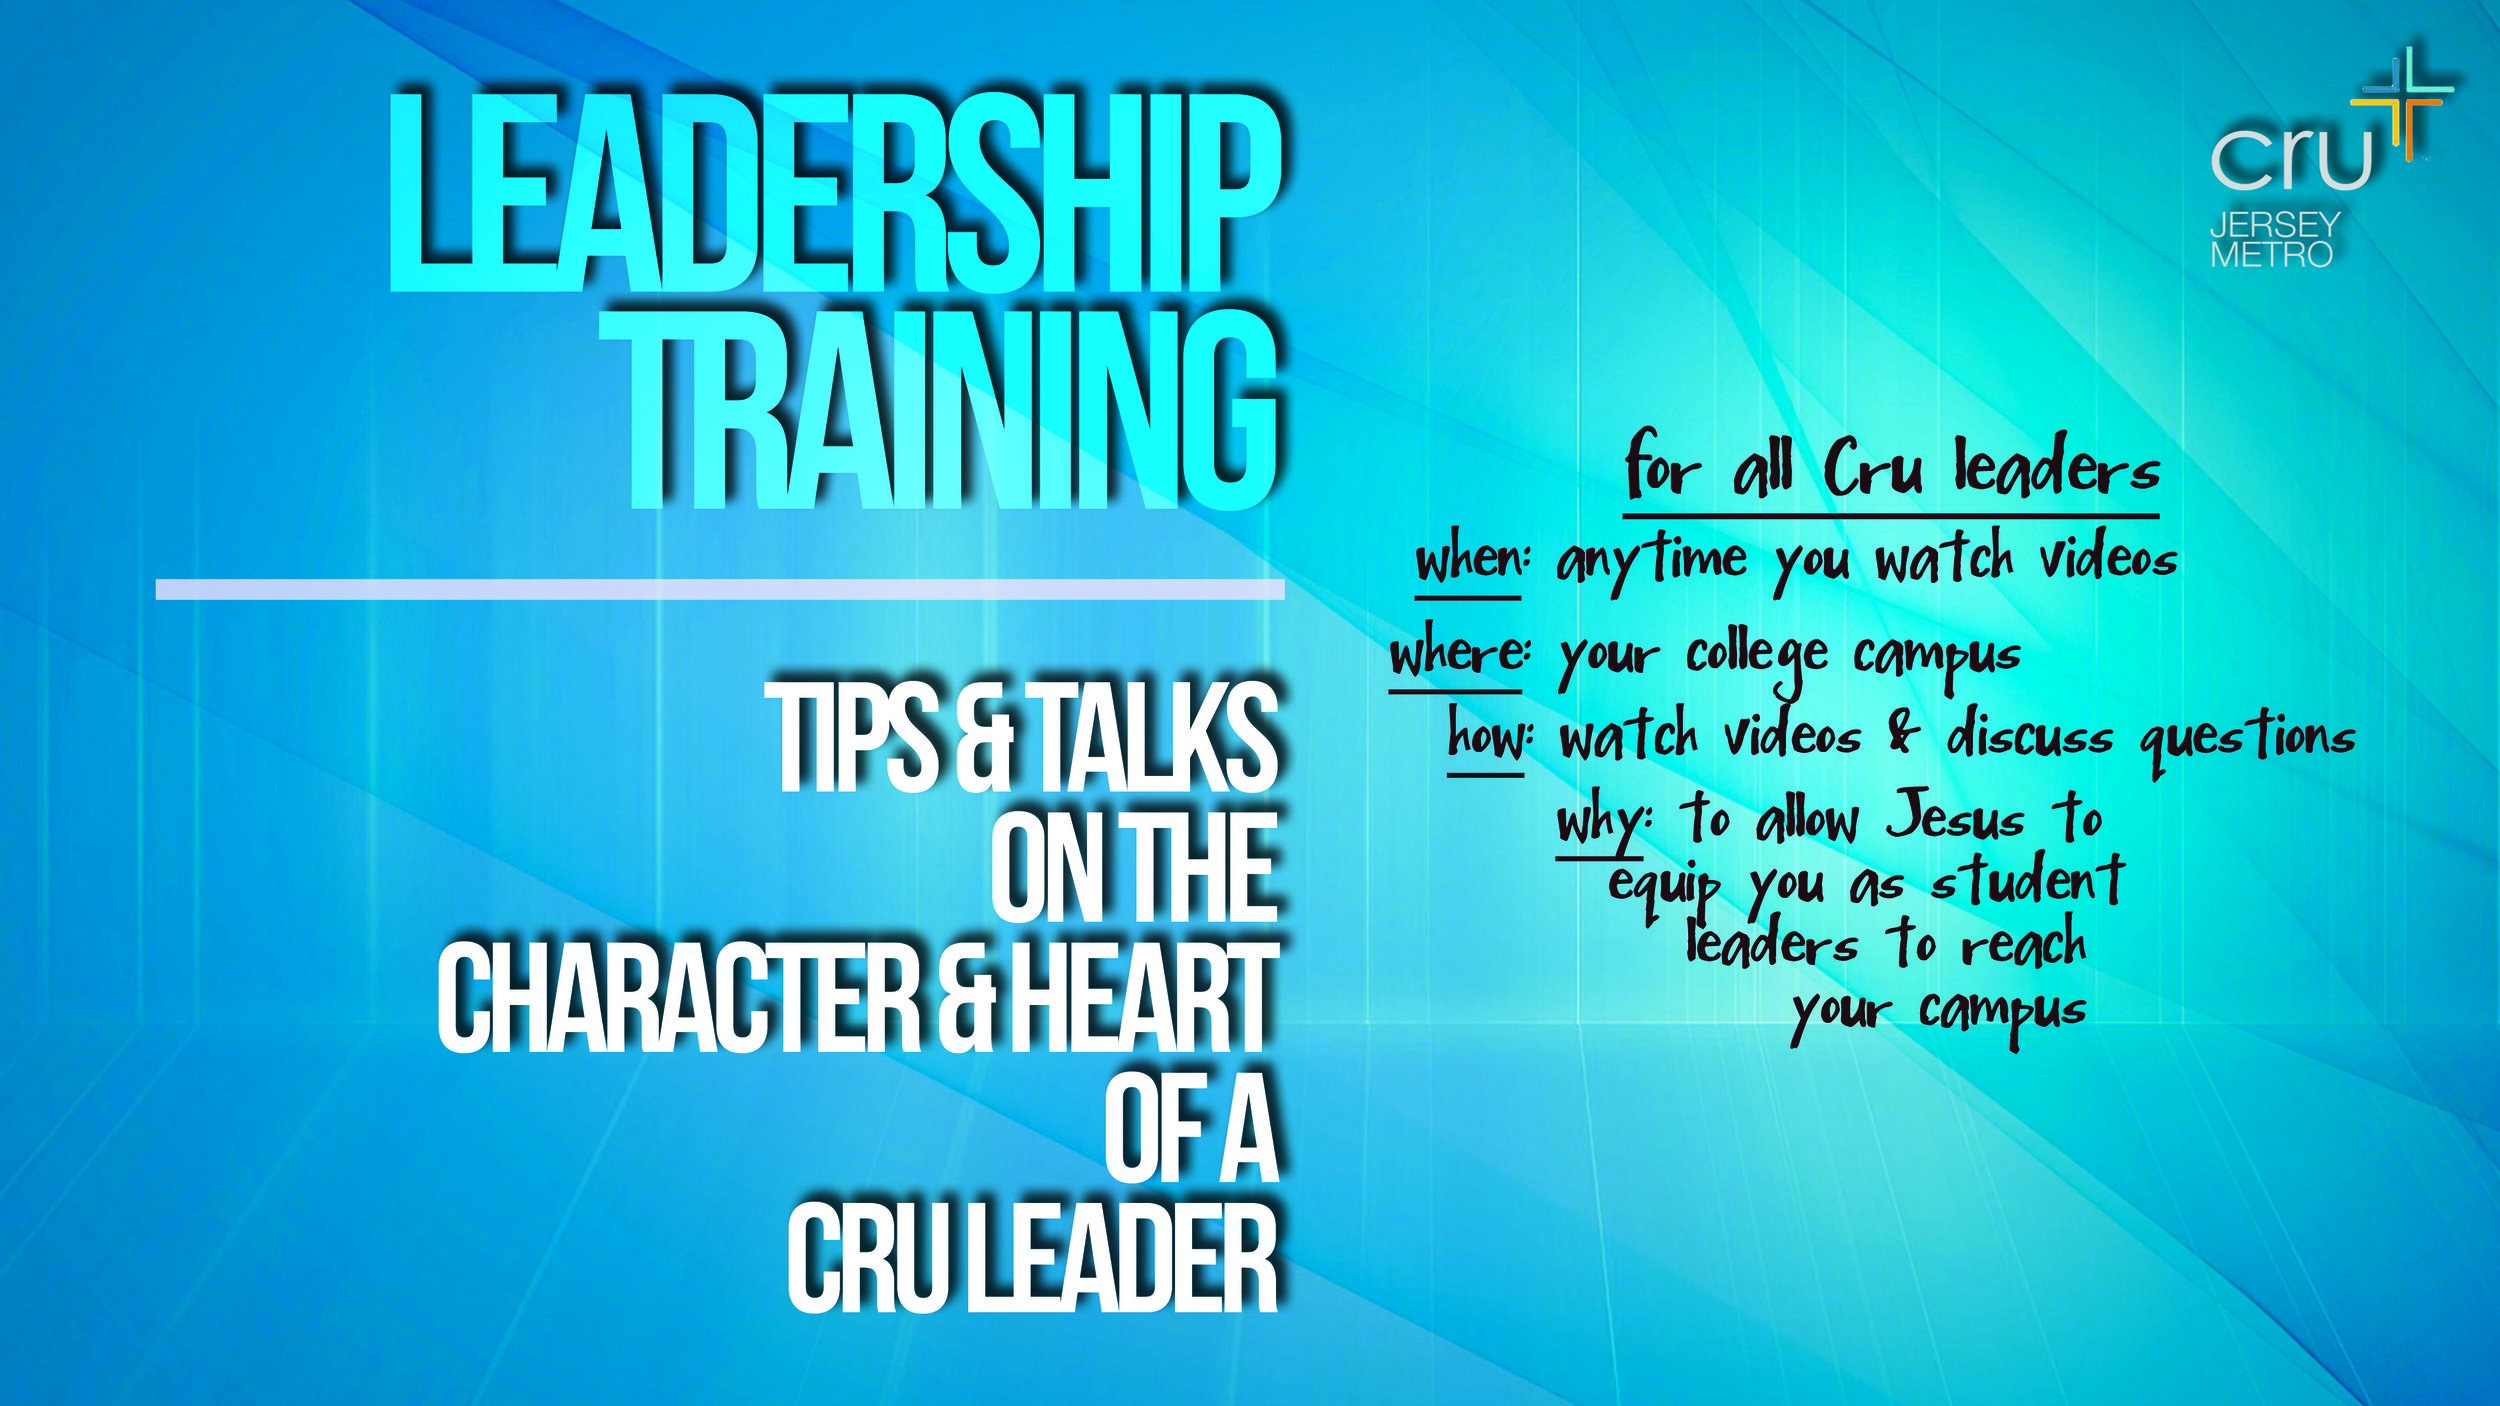 LeadershipTraining.jpg